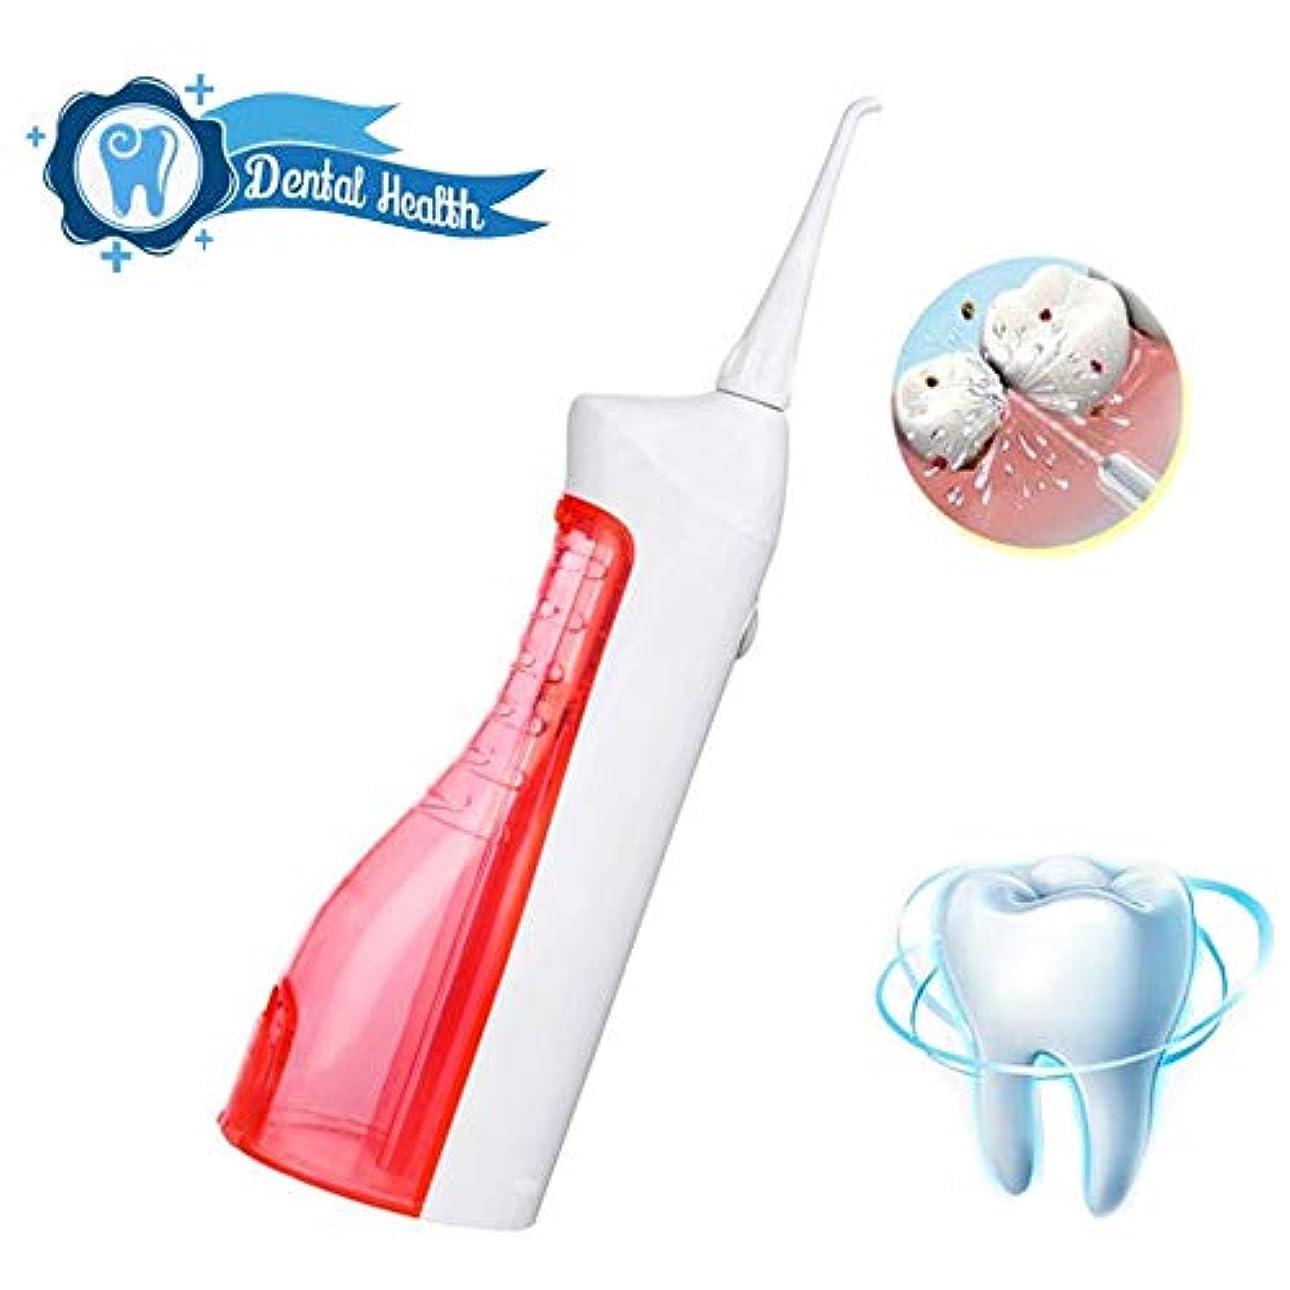 歯のためのウォーターフロッサー、ポータブルプロフェッショナルコードレス歯科口腔灌漑器(150mlタンク、2本のジェットチップ付き)歯磨き粉用クリーナー、2つのクリーニングモード、USB充電式、IPX7